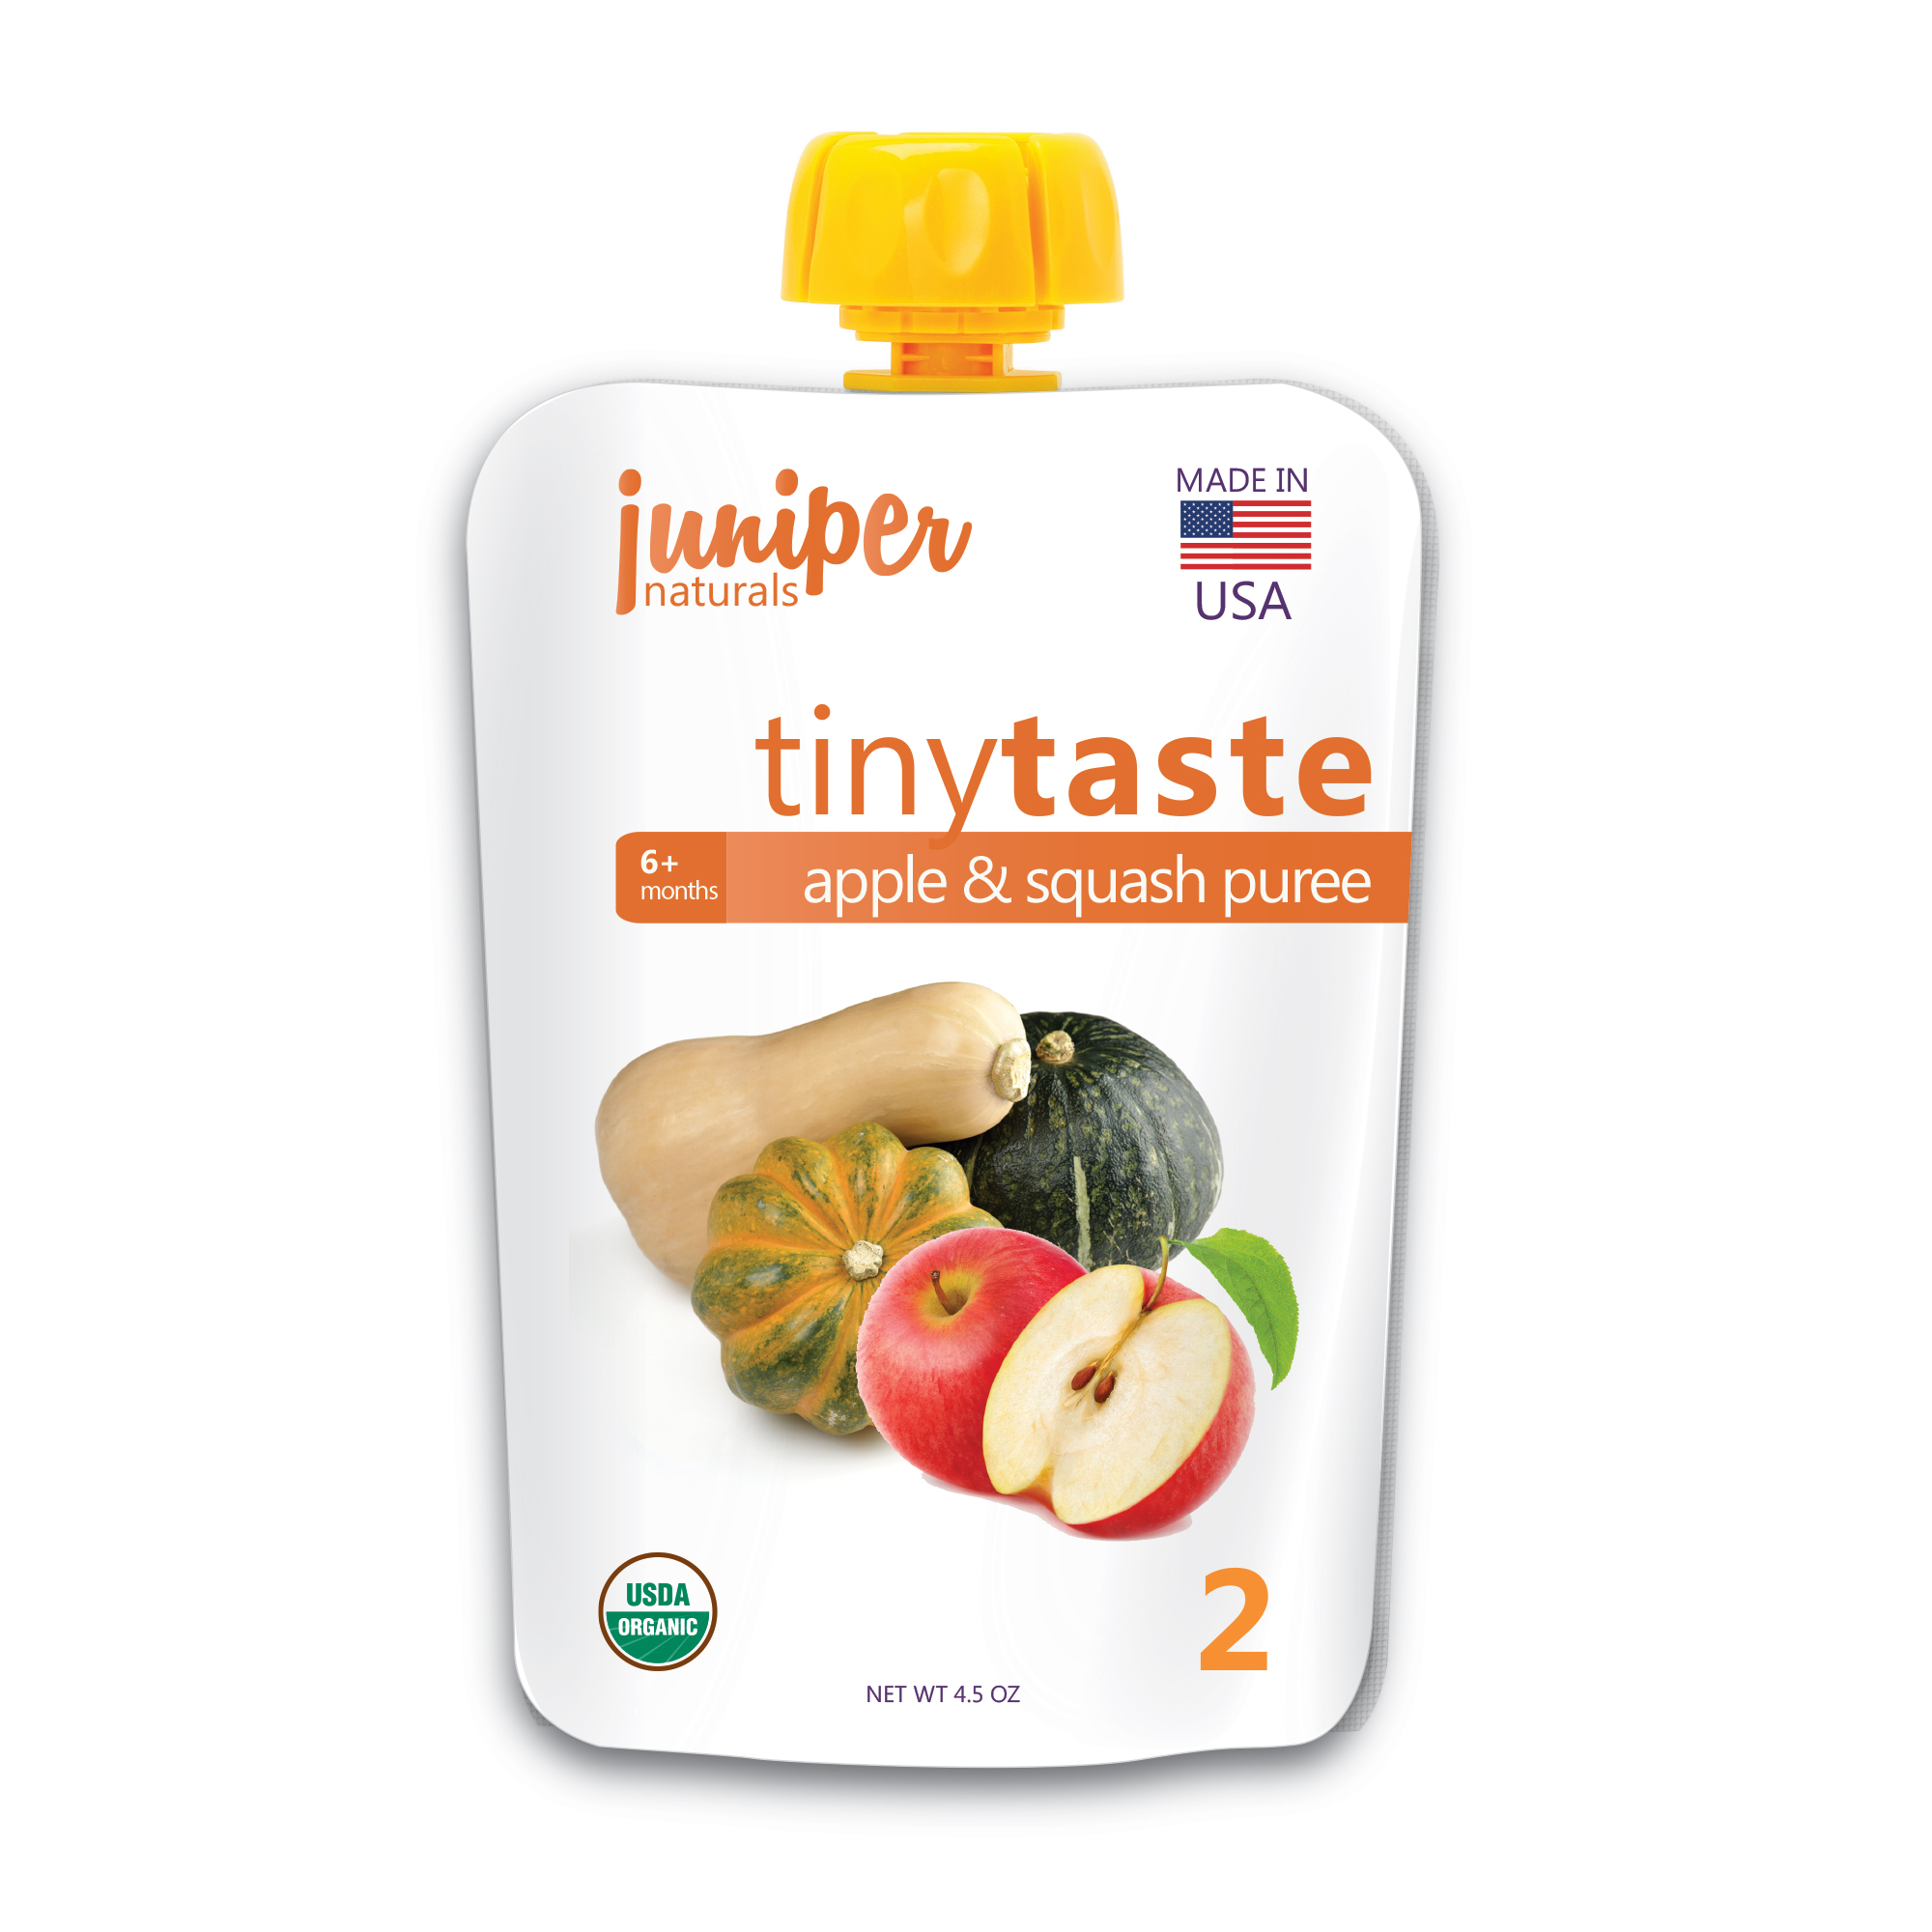 Juniper Naturals apple squash puree